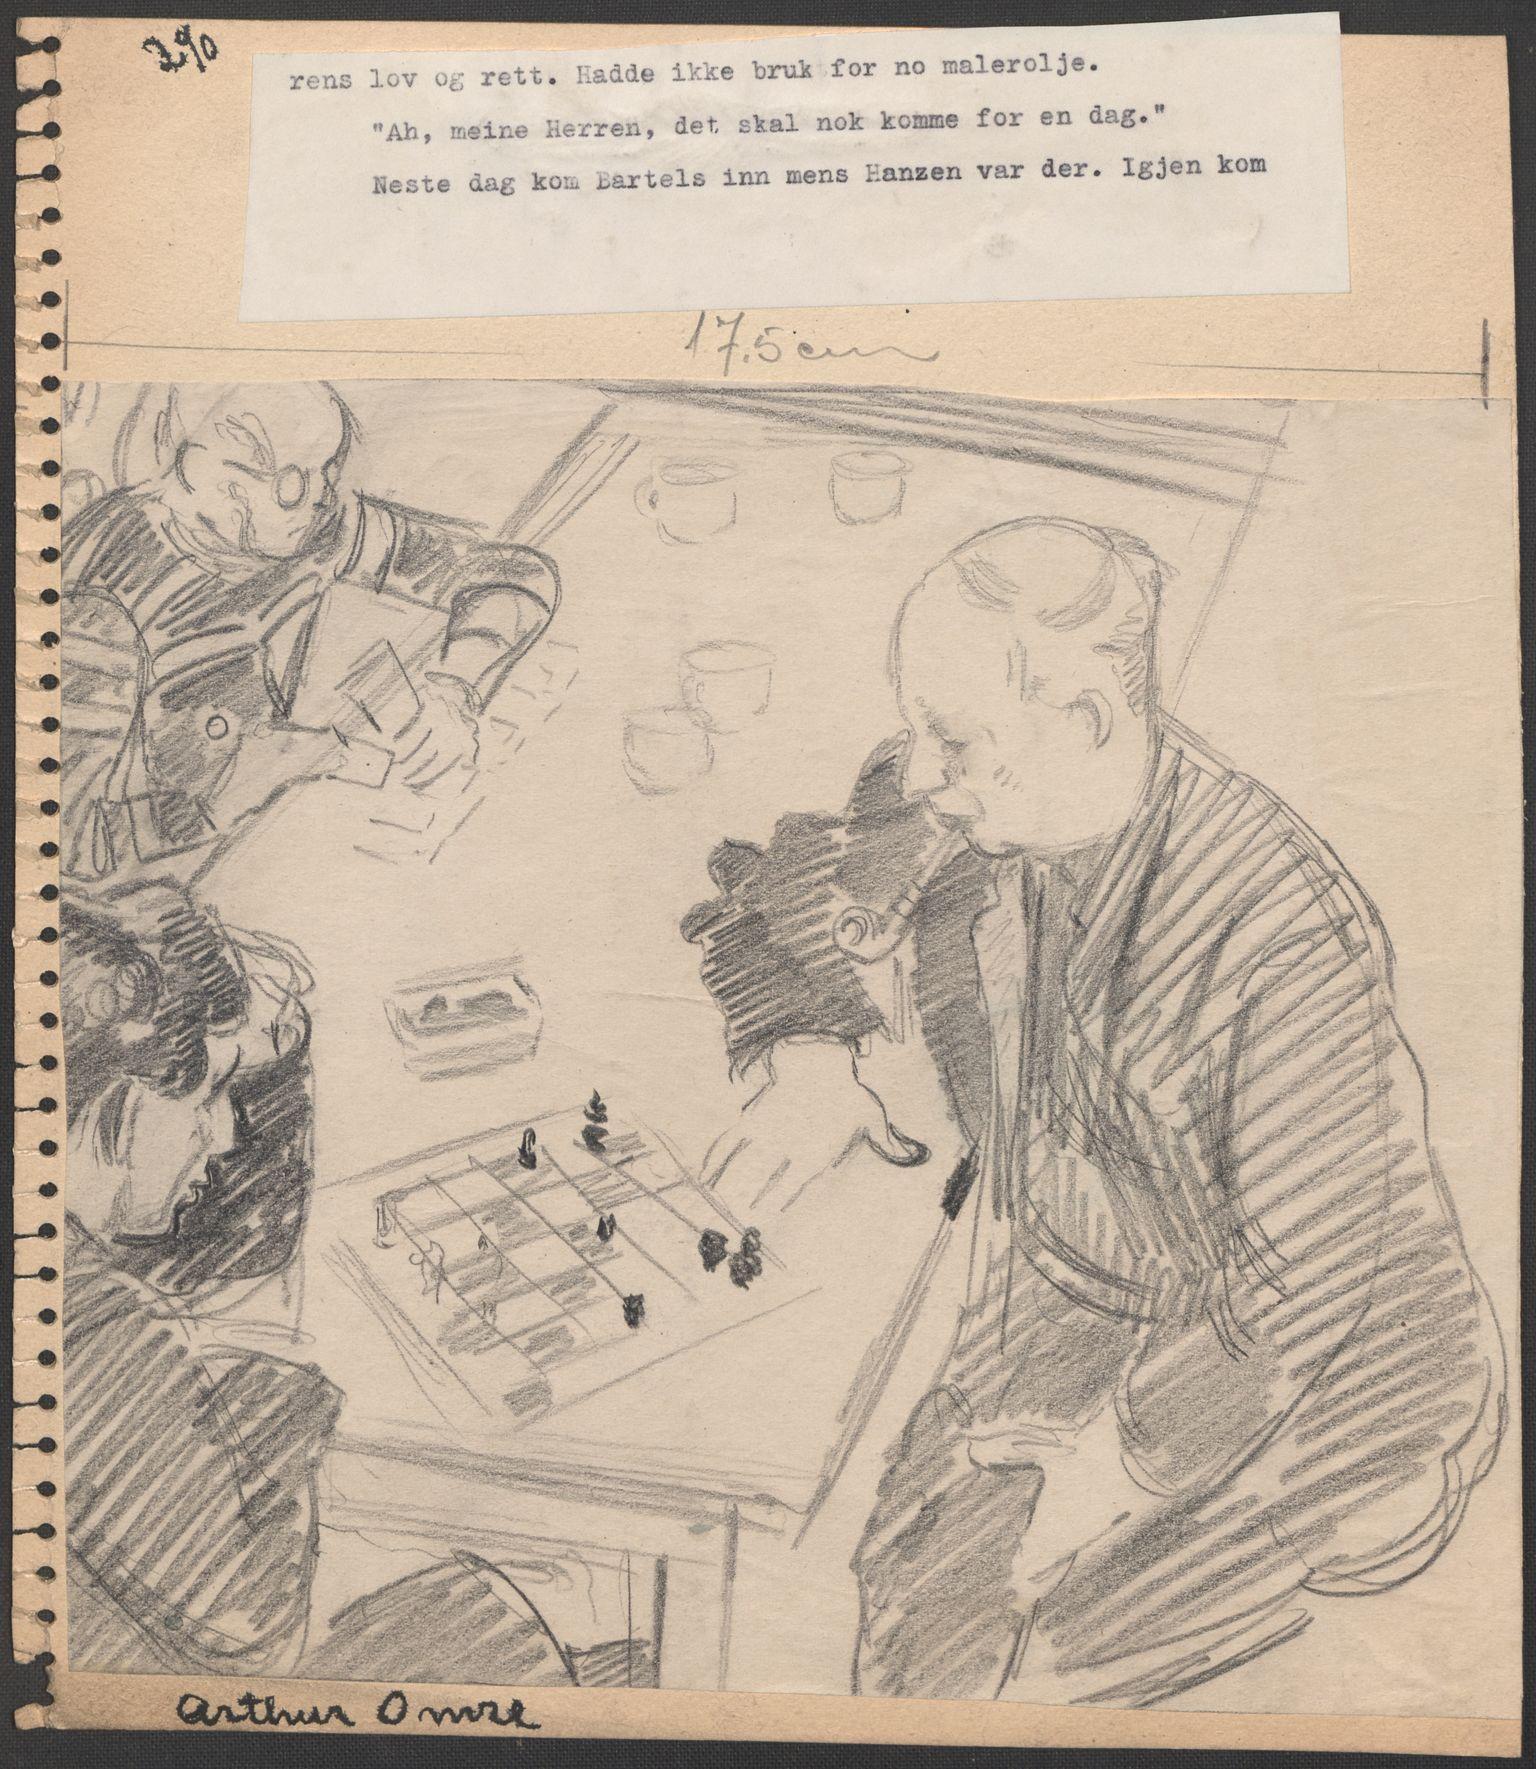 RA, Grøgaard, Joachim, F/L0002: Tegninger og tekster, 1942-1945, s. 133